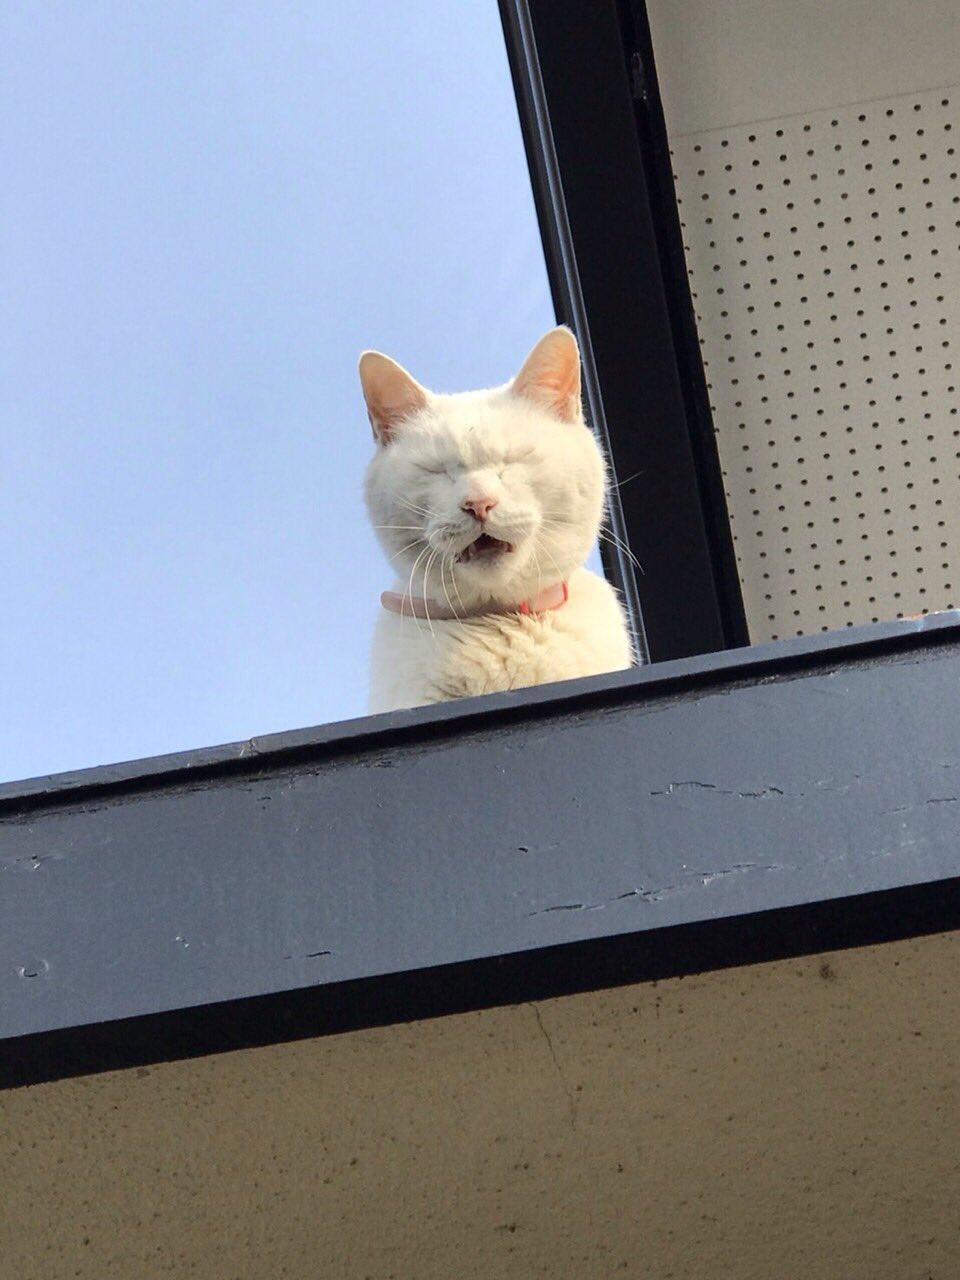 家に入れてもらいたいおキャット様wその切実さがにじみ出てる顔にウケる!